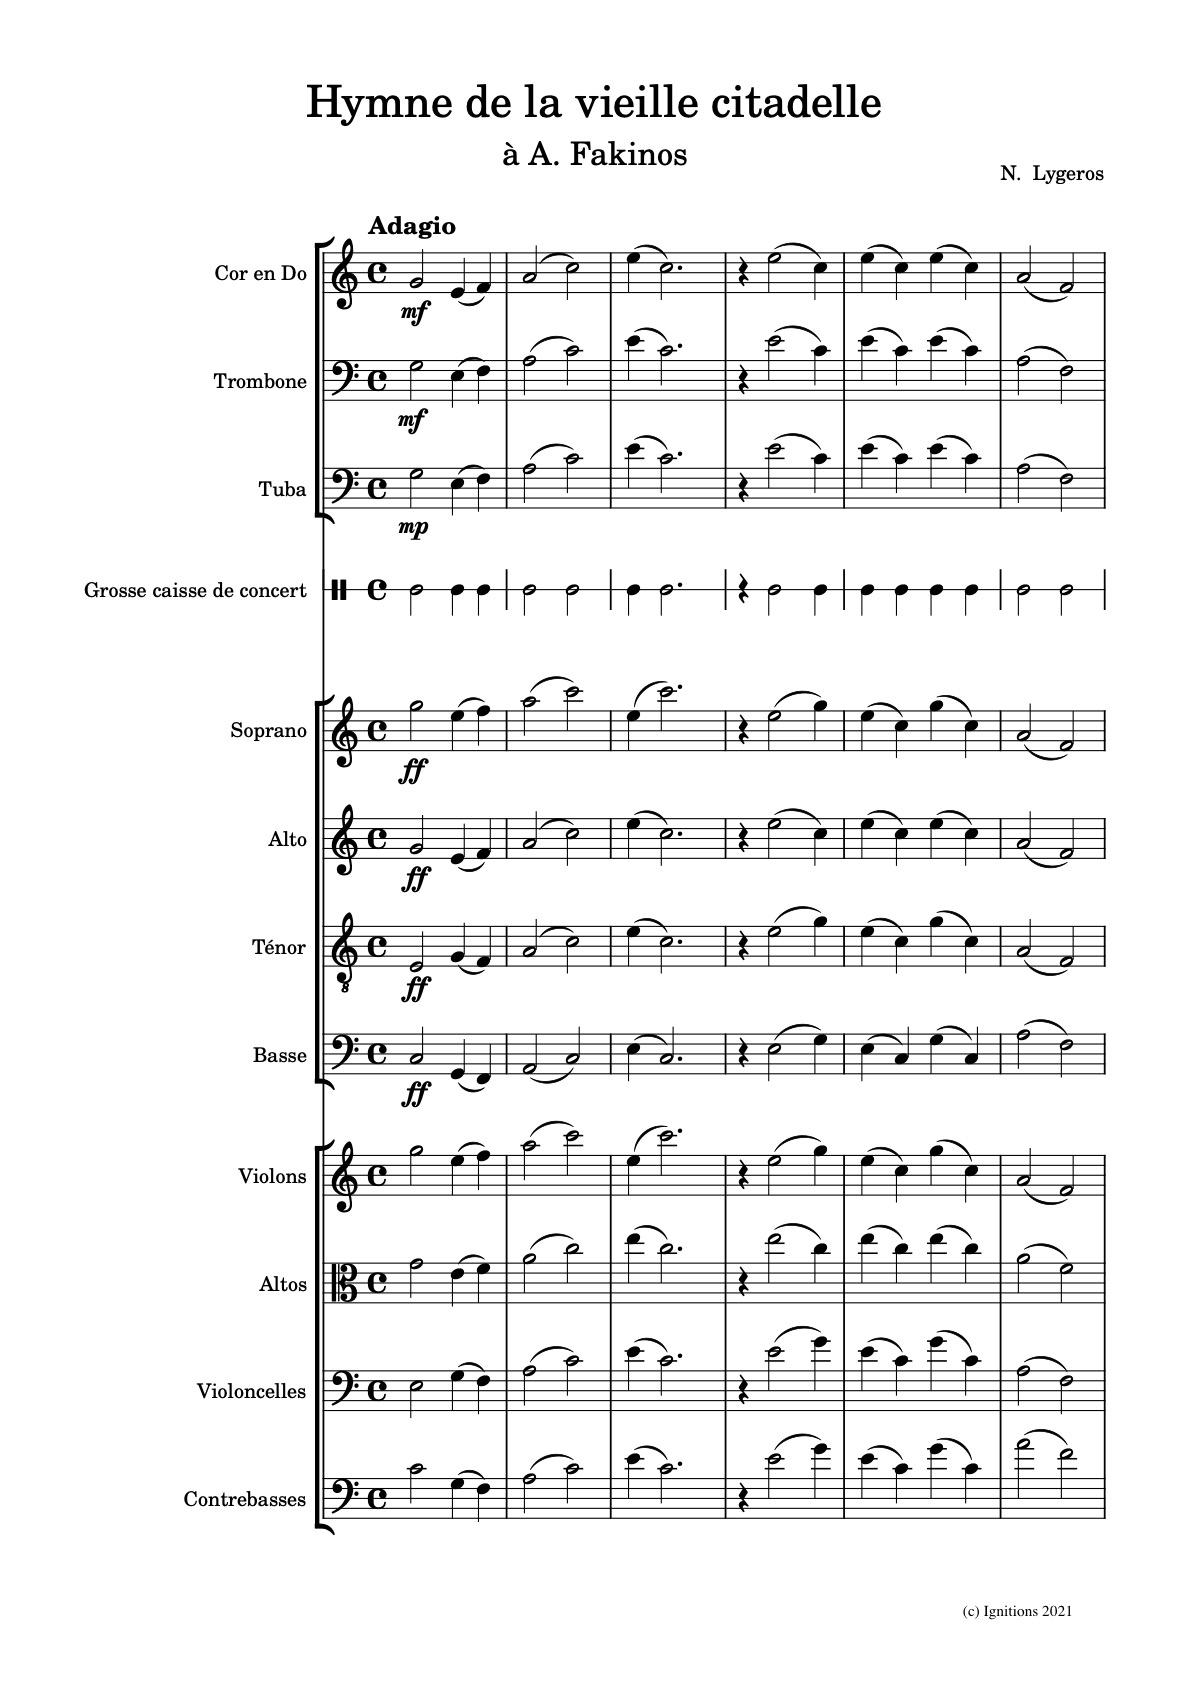 59843-Hymne de la vieille citadelle (à A. Fakinos)